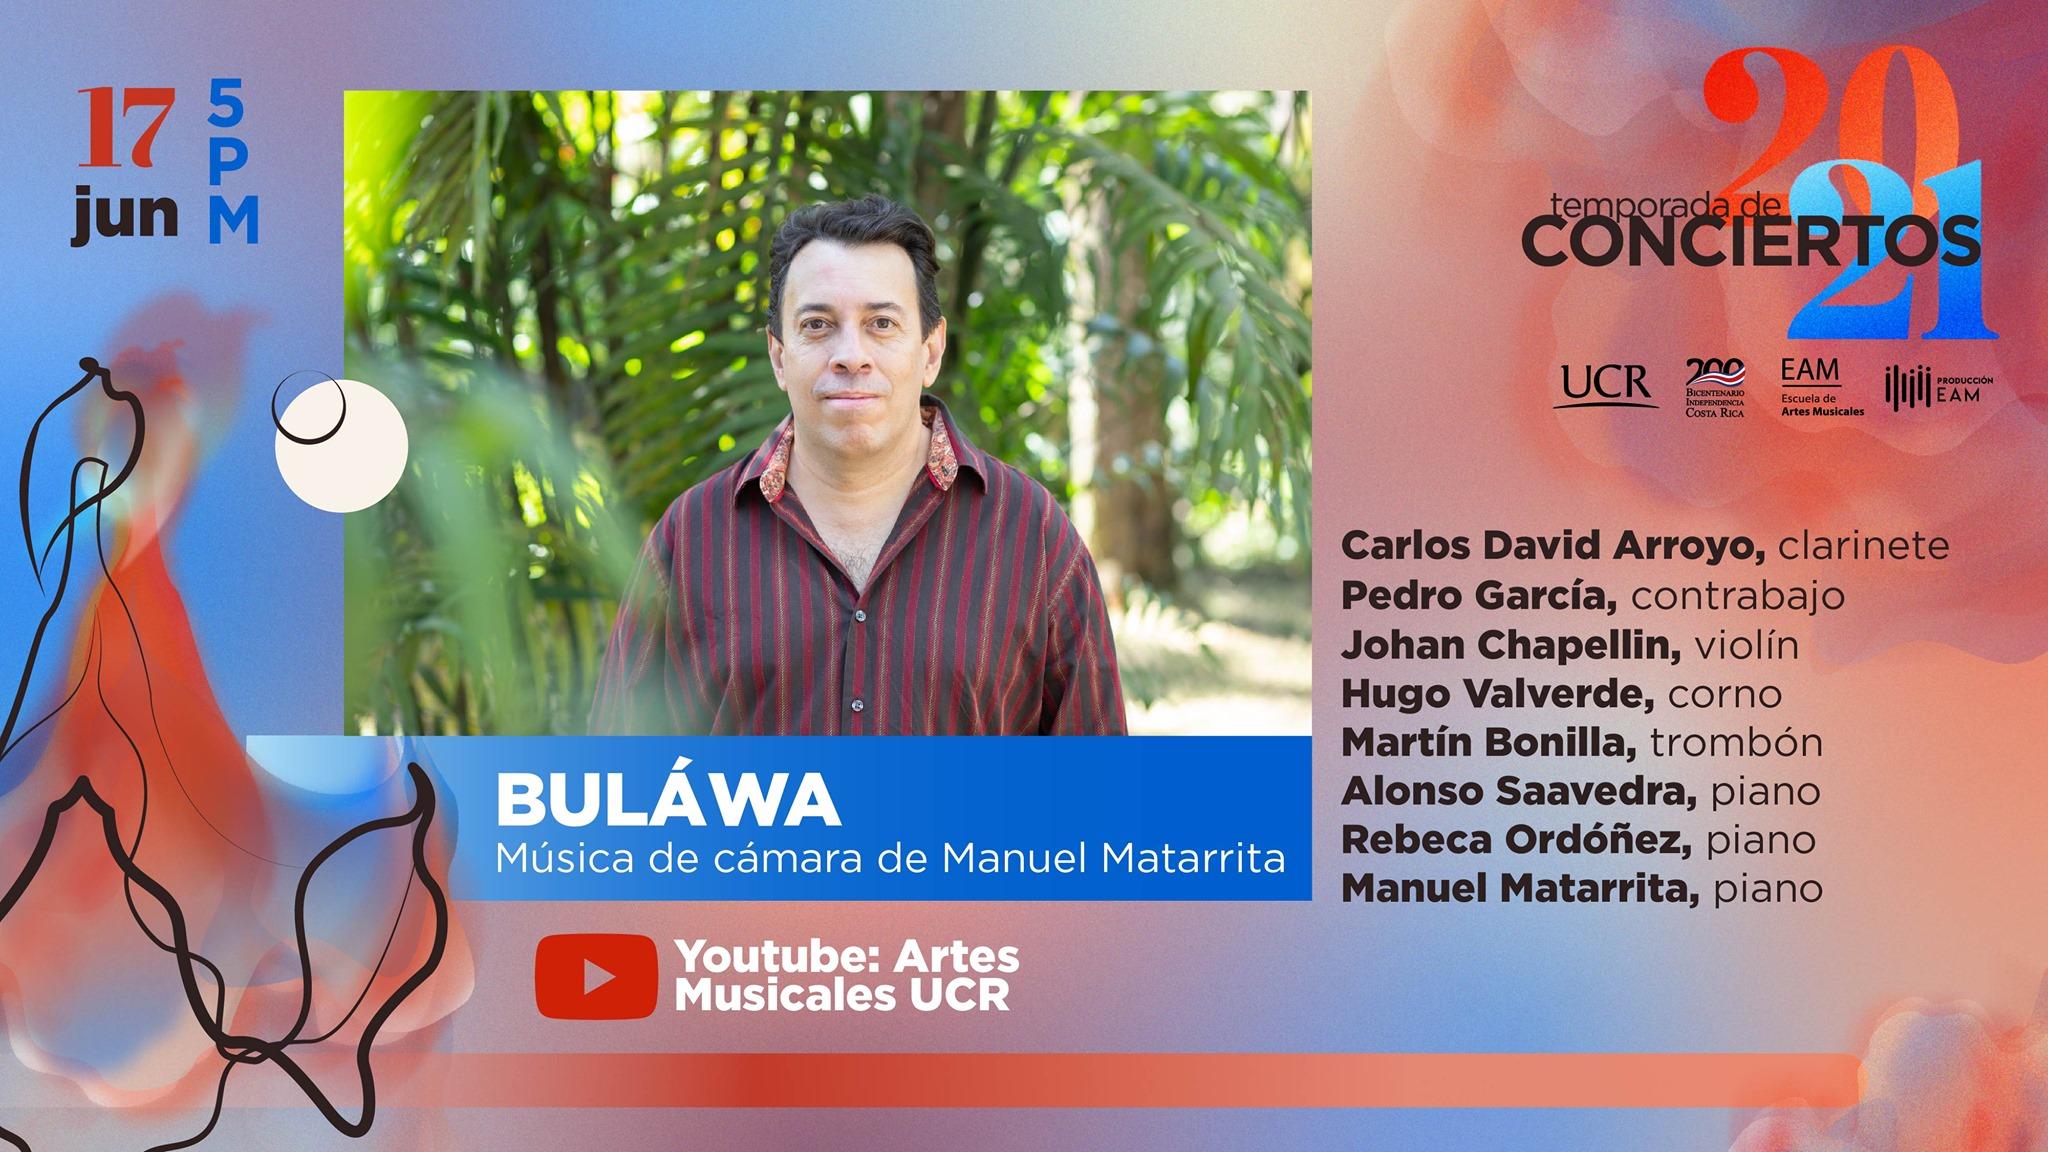 BULÁWA – Música de cámara de Manuel Matarrita